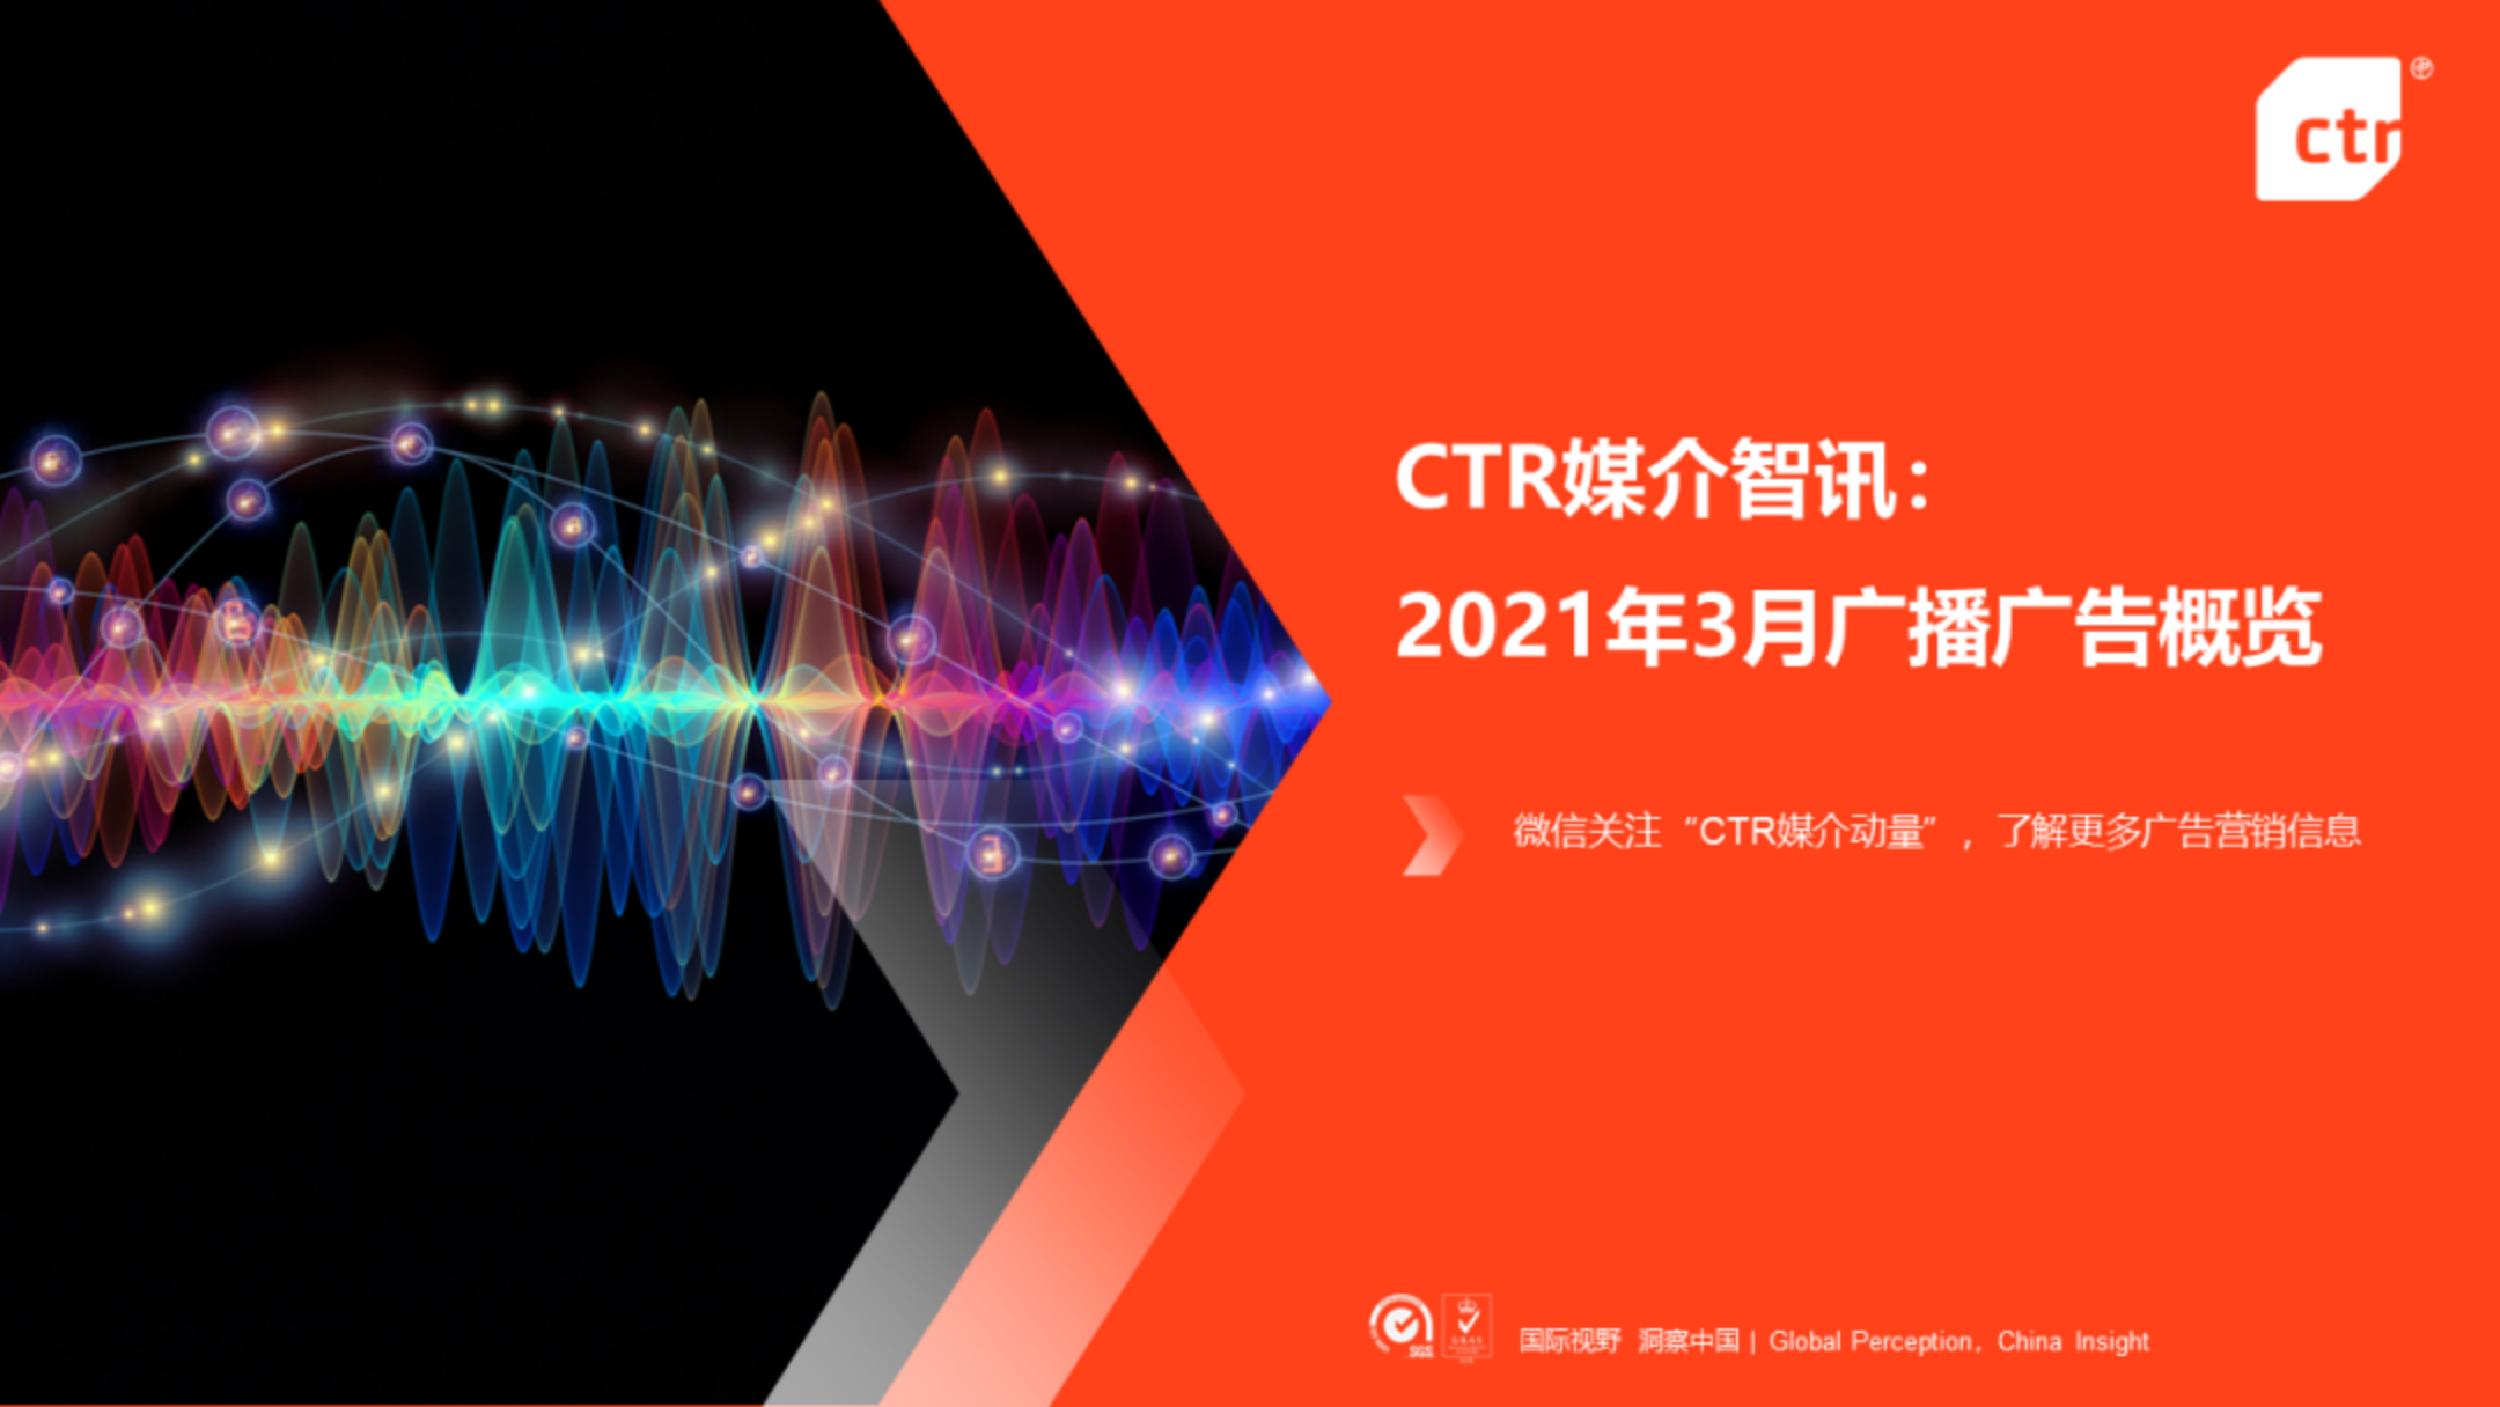 CTR媒介智讯:2021年3月广播广告概览